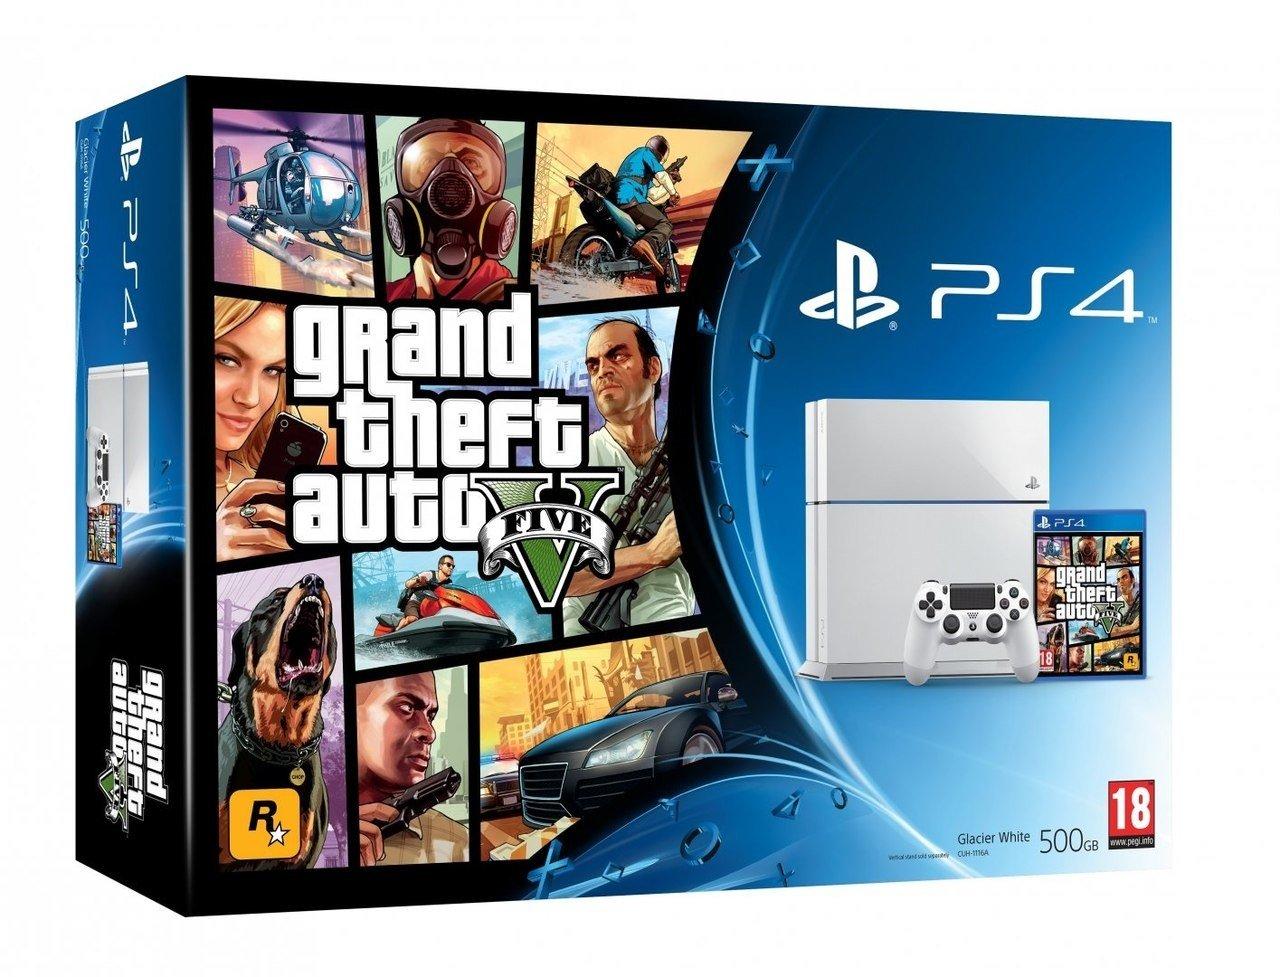 Вот такие вот бандлы PS4+GTA V поступят в продажу вместе с игрой 18 ноября. - Изображение 1